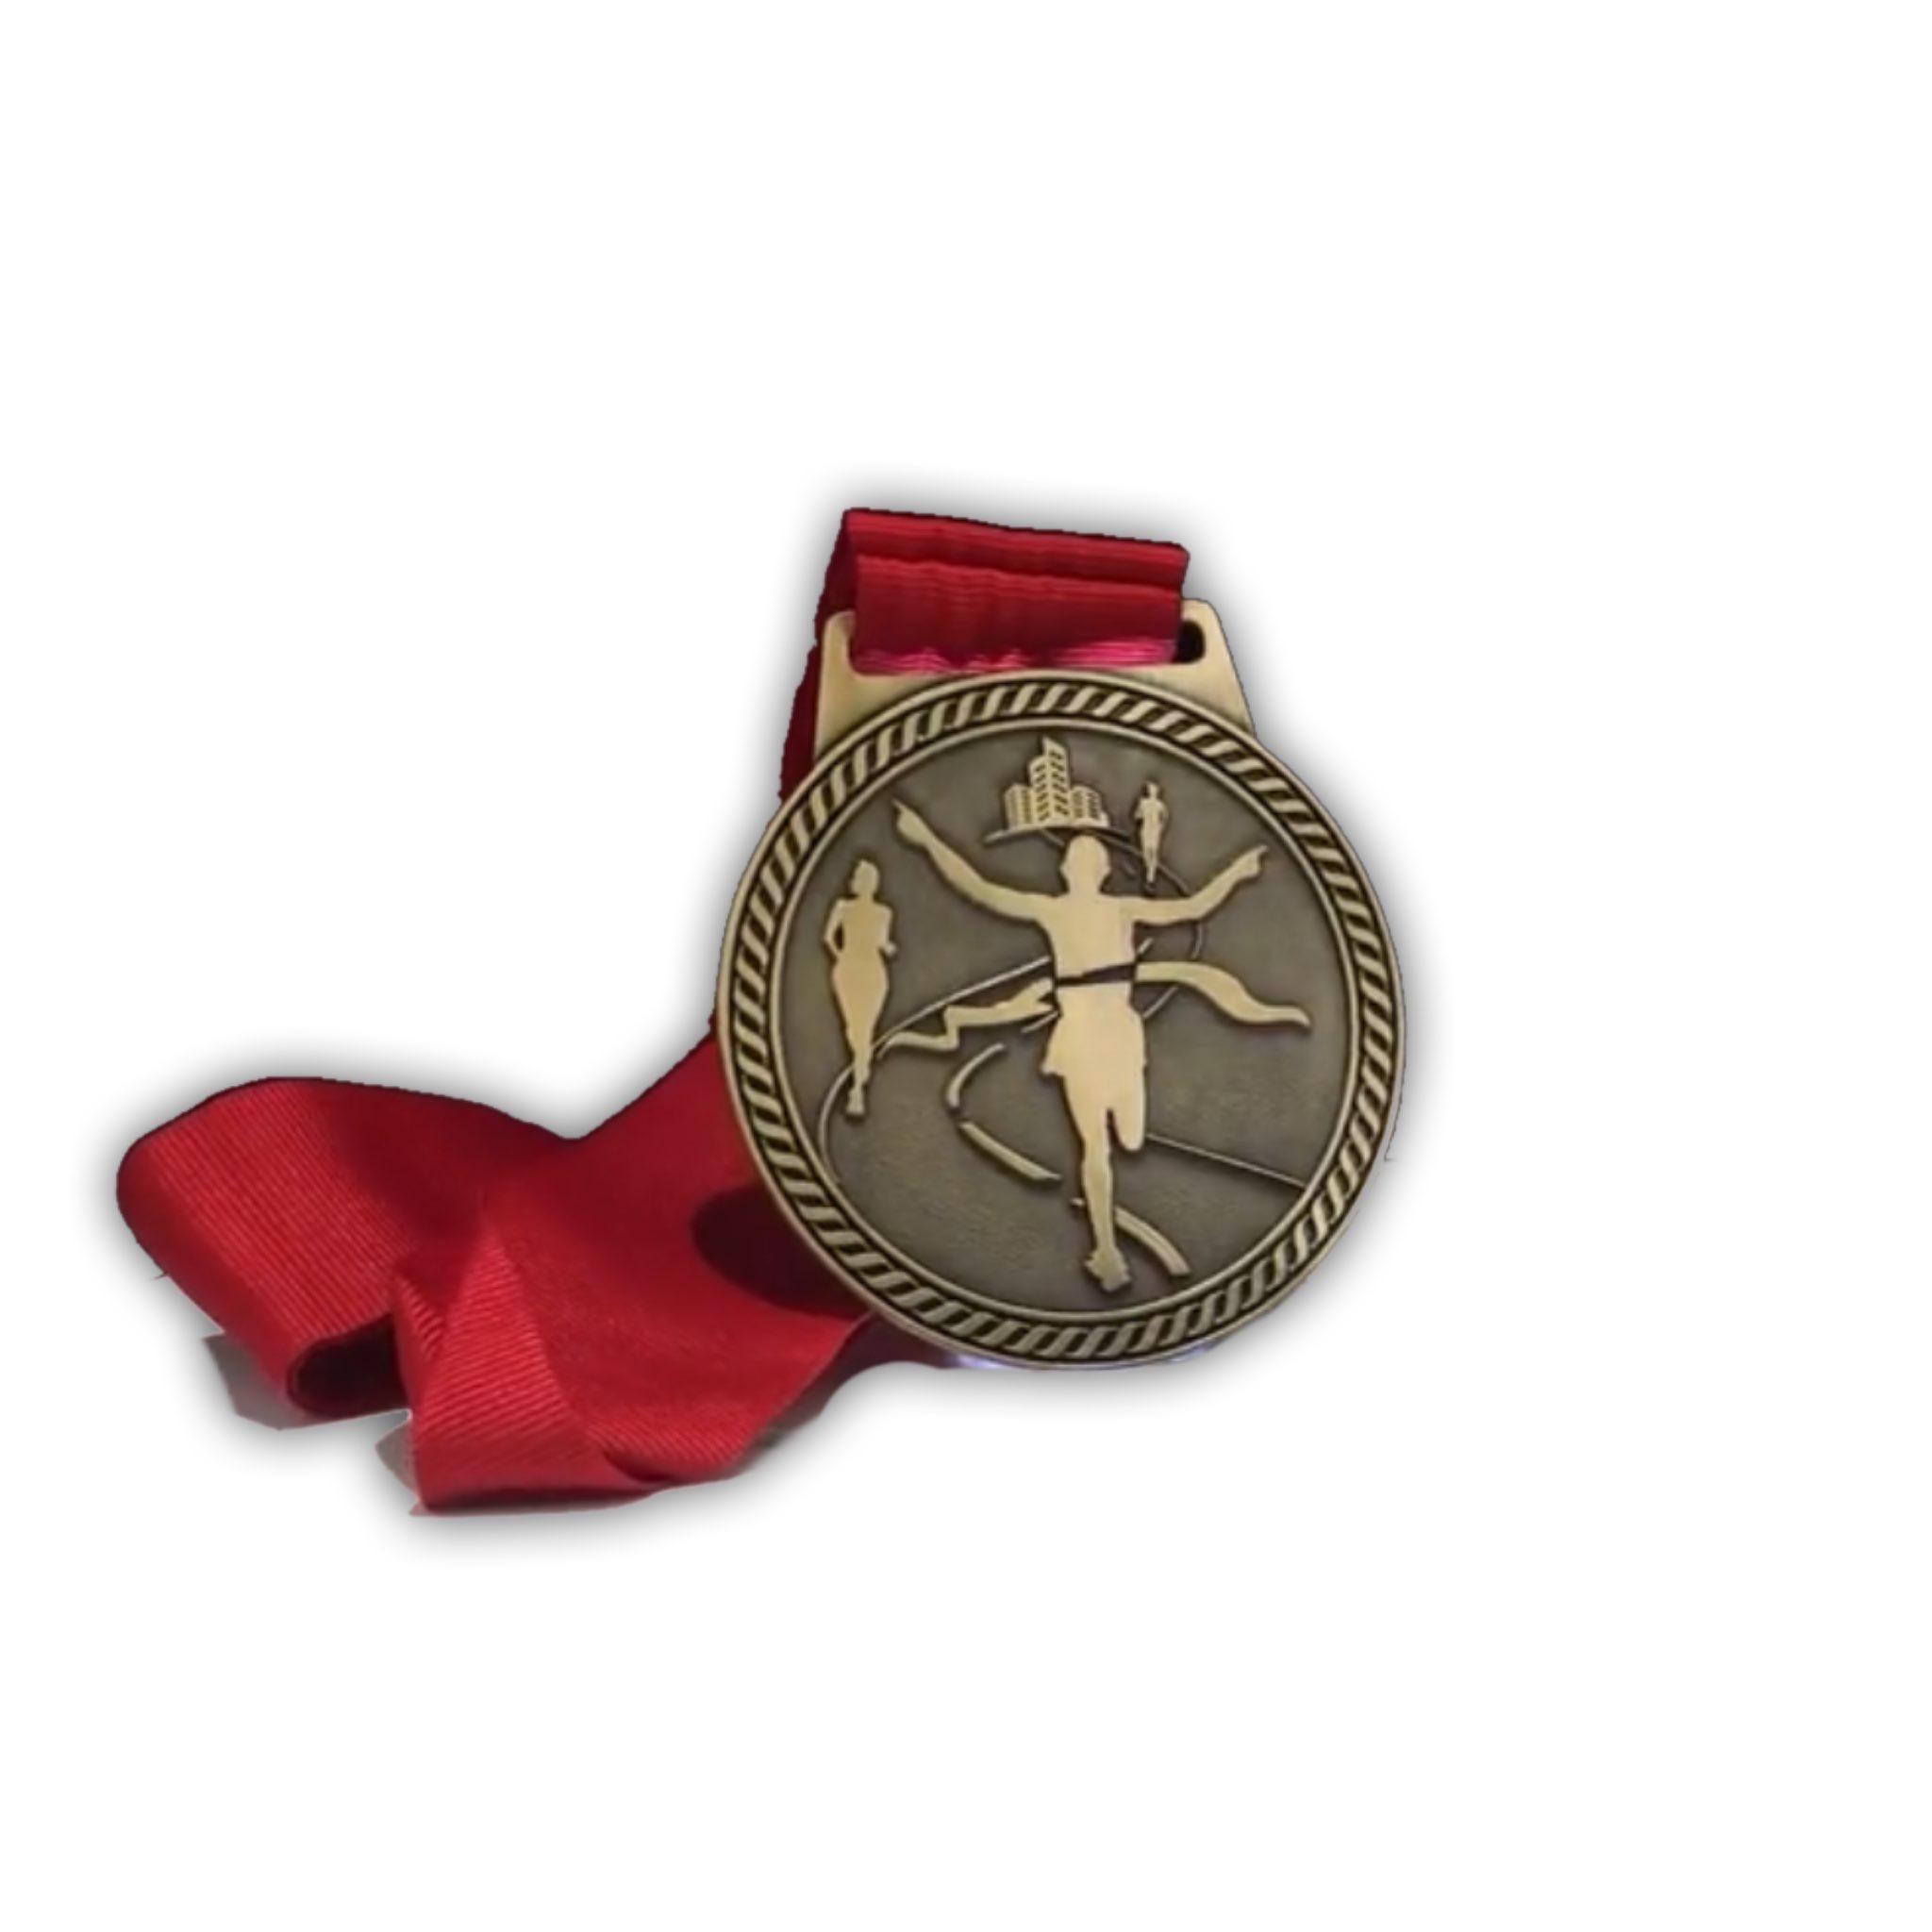 500K Medal